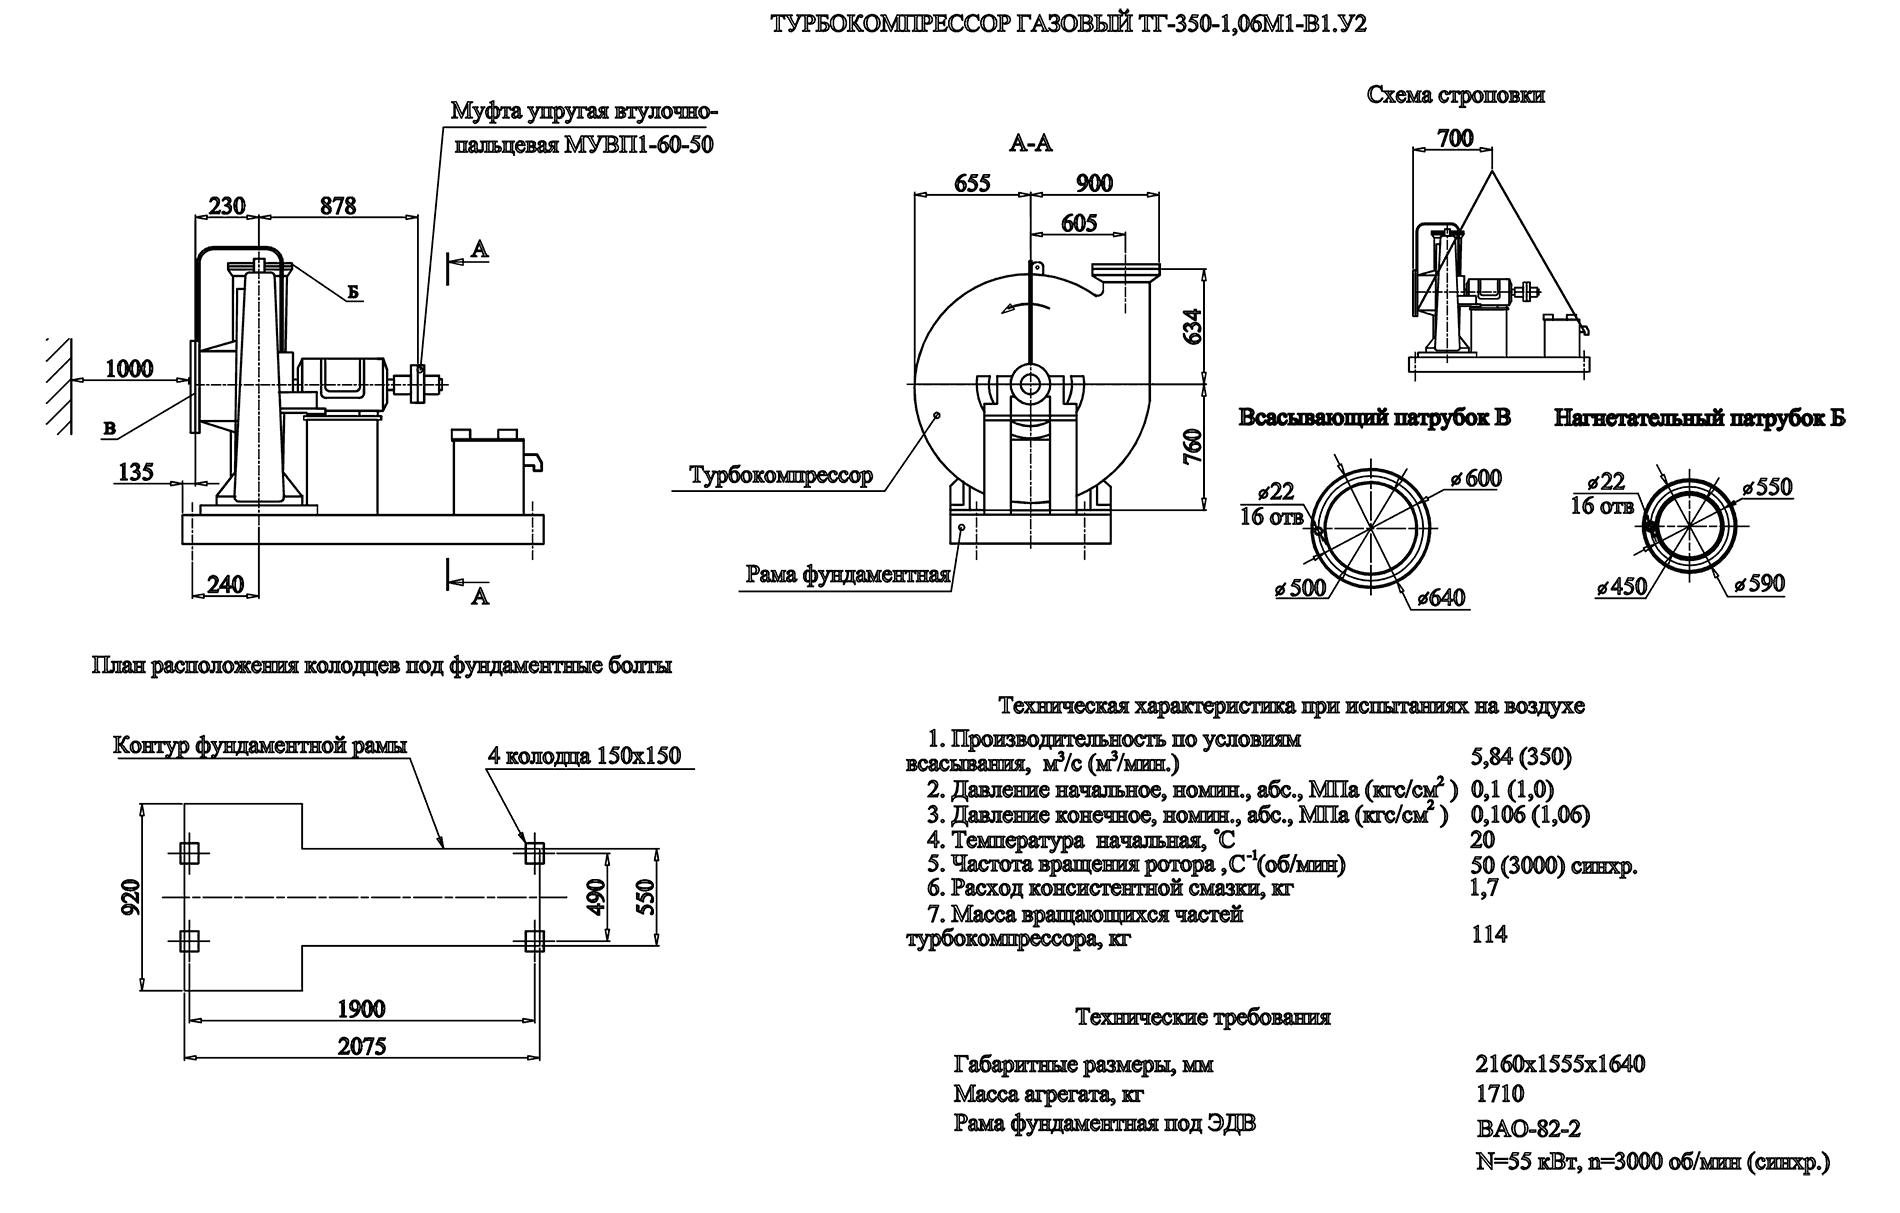 Турбокомпрессор одноступенчатый газовый ТГ-350-1,06М1-В1